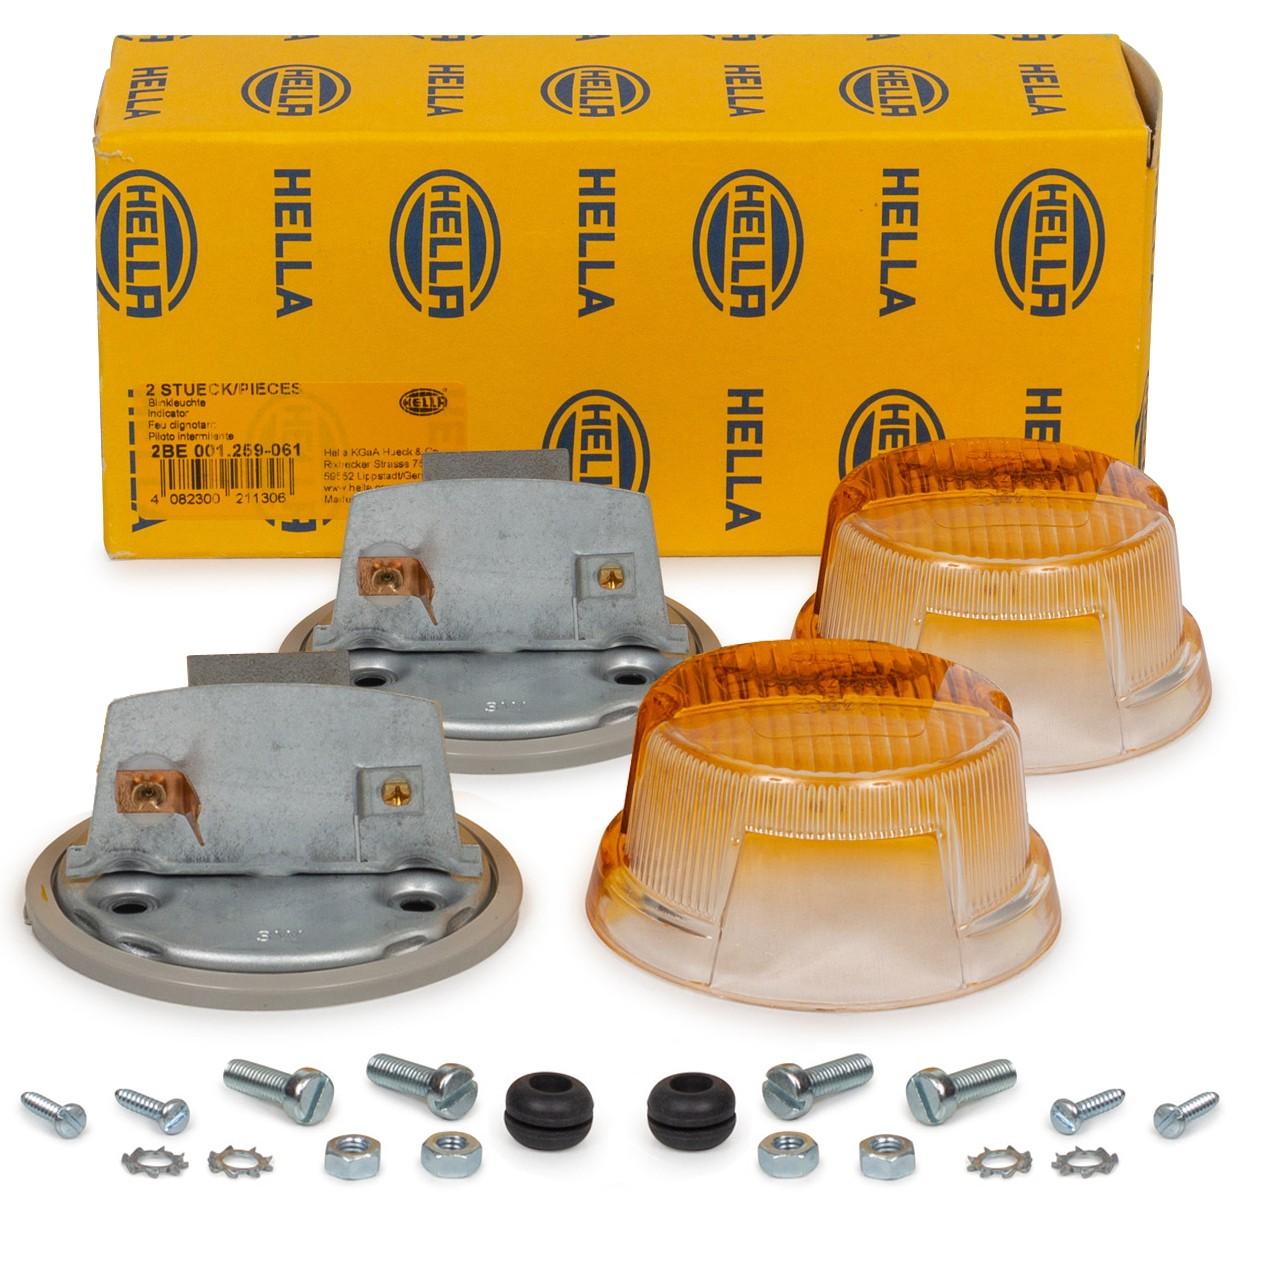 2x HELLA 2BE 001 259-061 Blinkleuchte Positionsleuchte Blinker OLDTIMER TRECKER